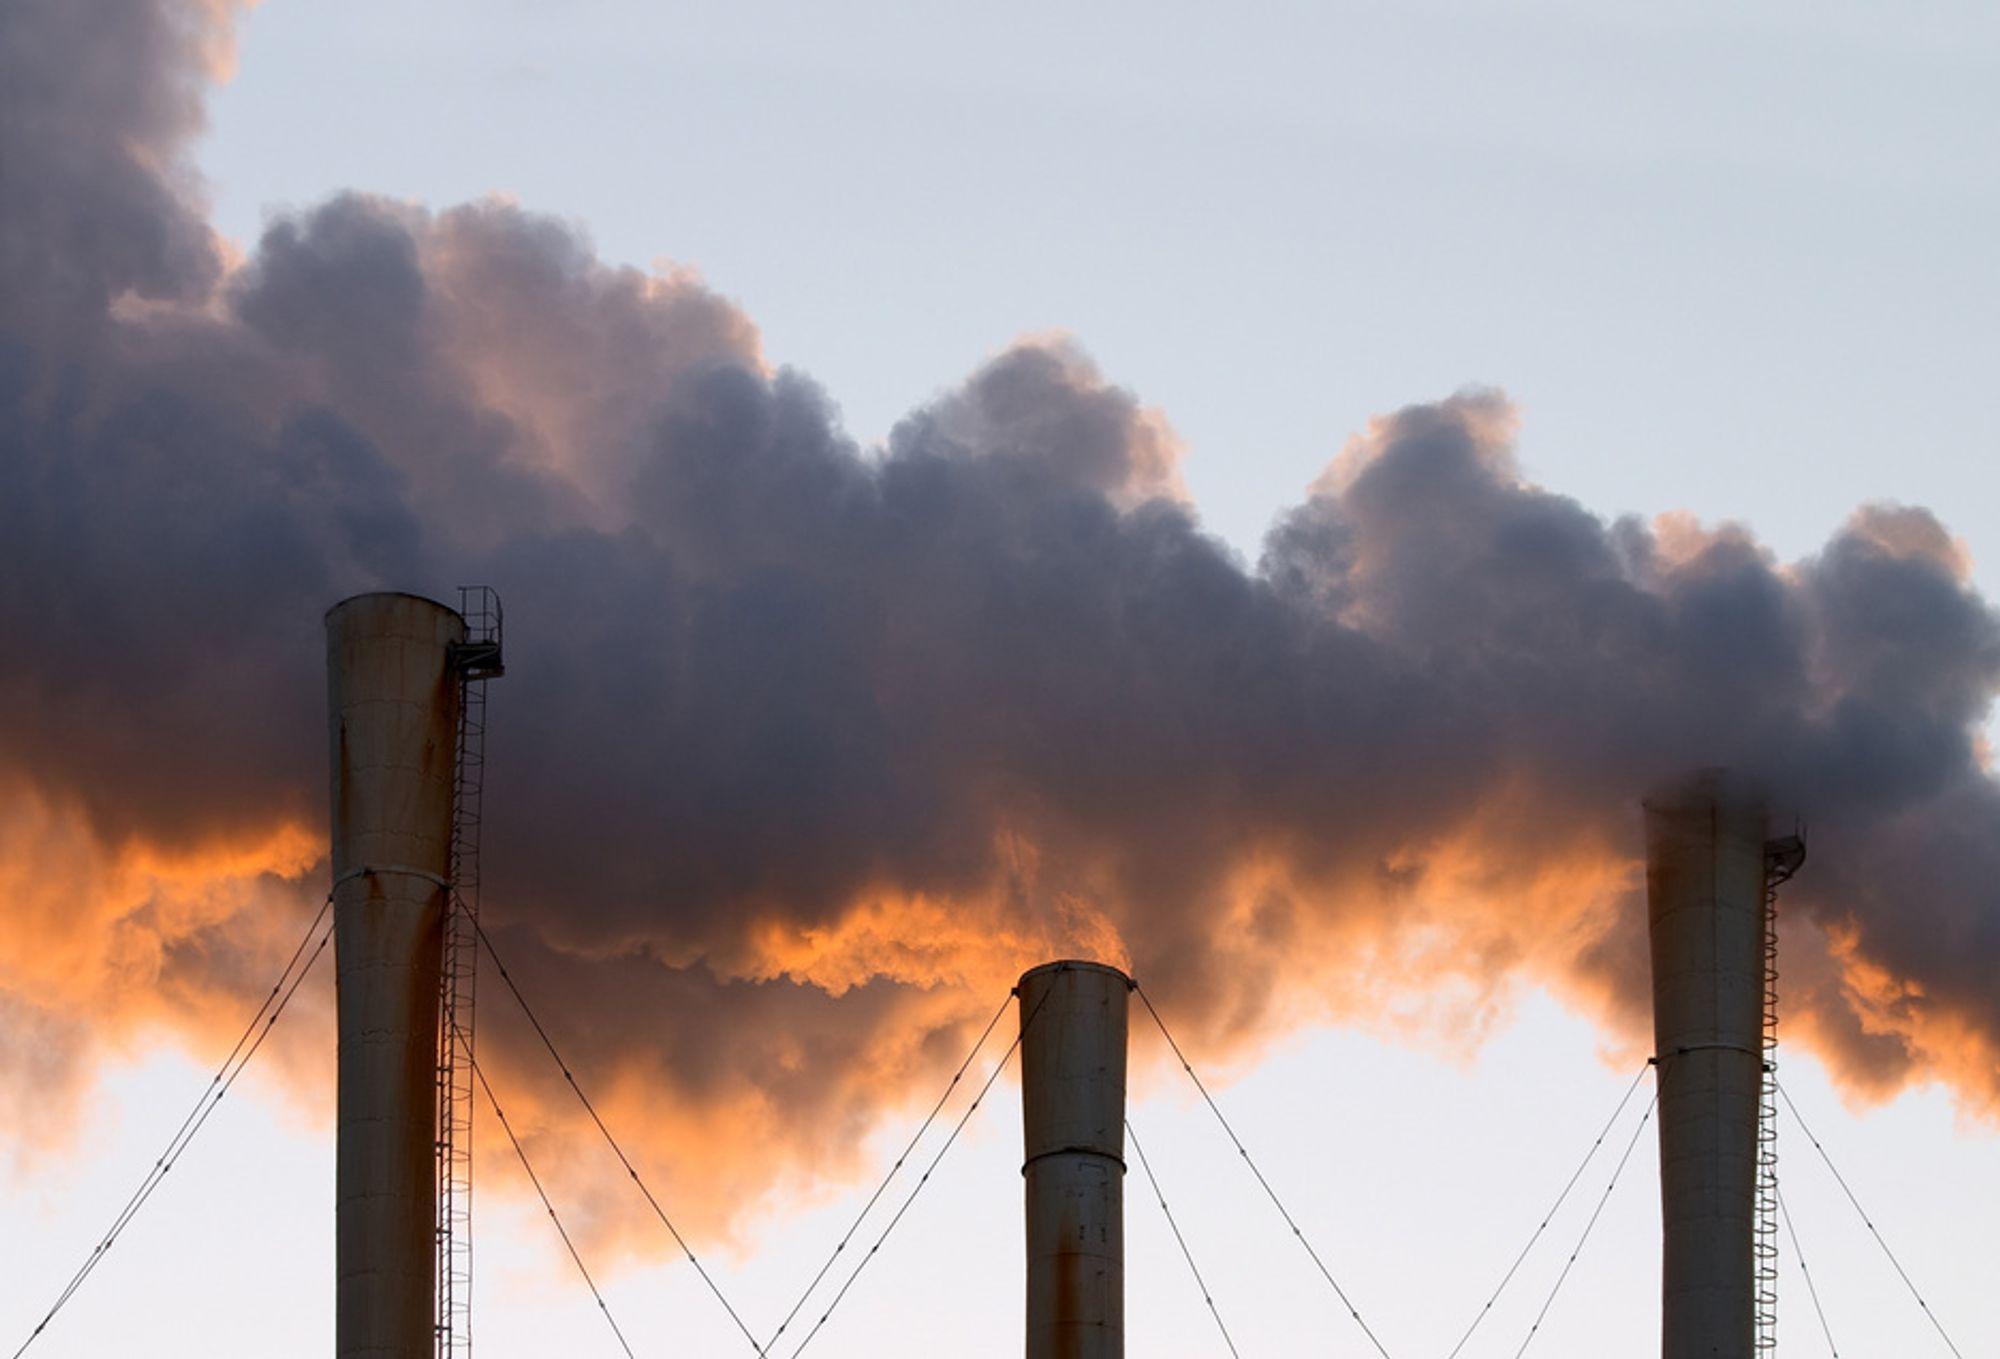 Mengden klimagasser i atmosfæren ved Svalbard økte fra 2006 til 2007. Mengden CO2 har gått opp 8 prosent siden 1988.